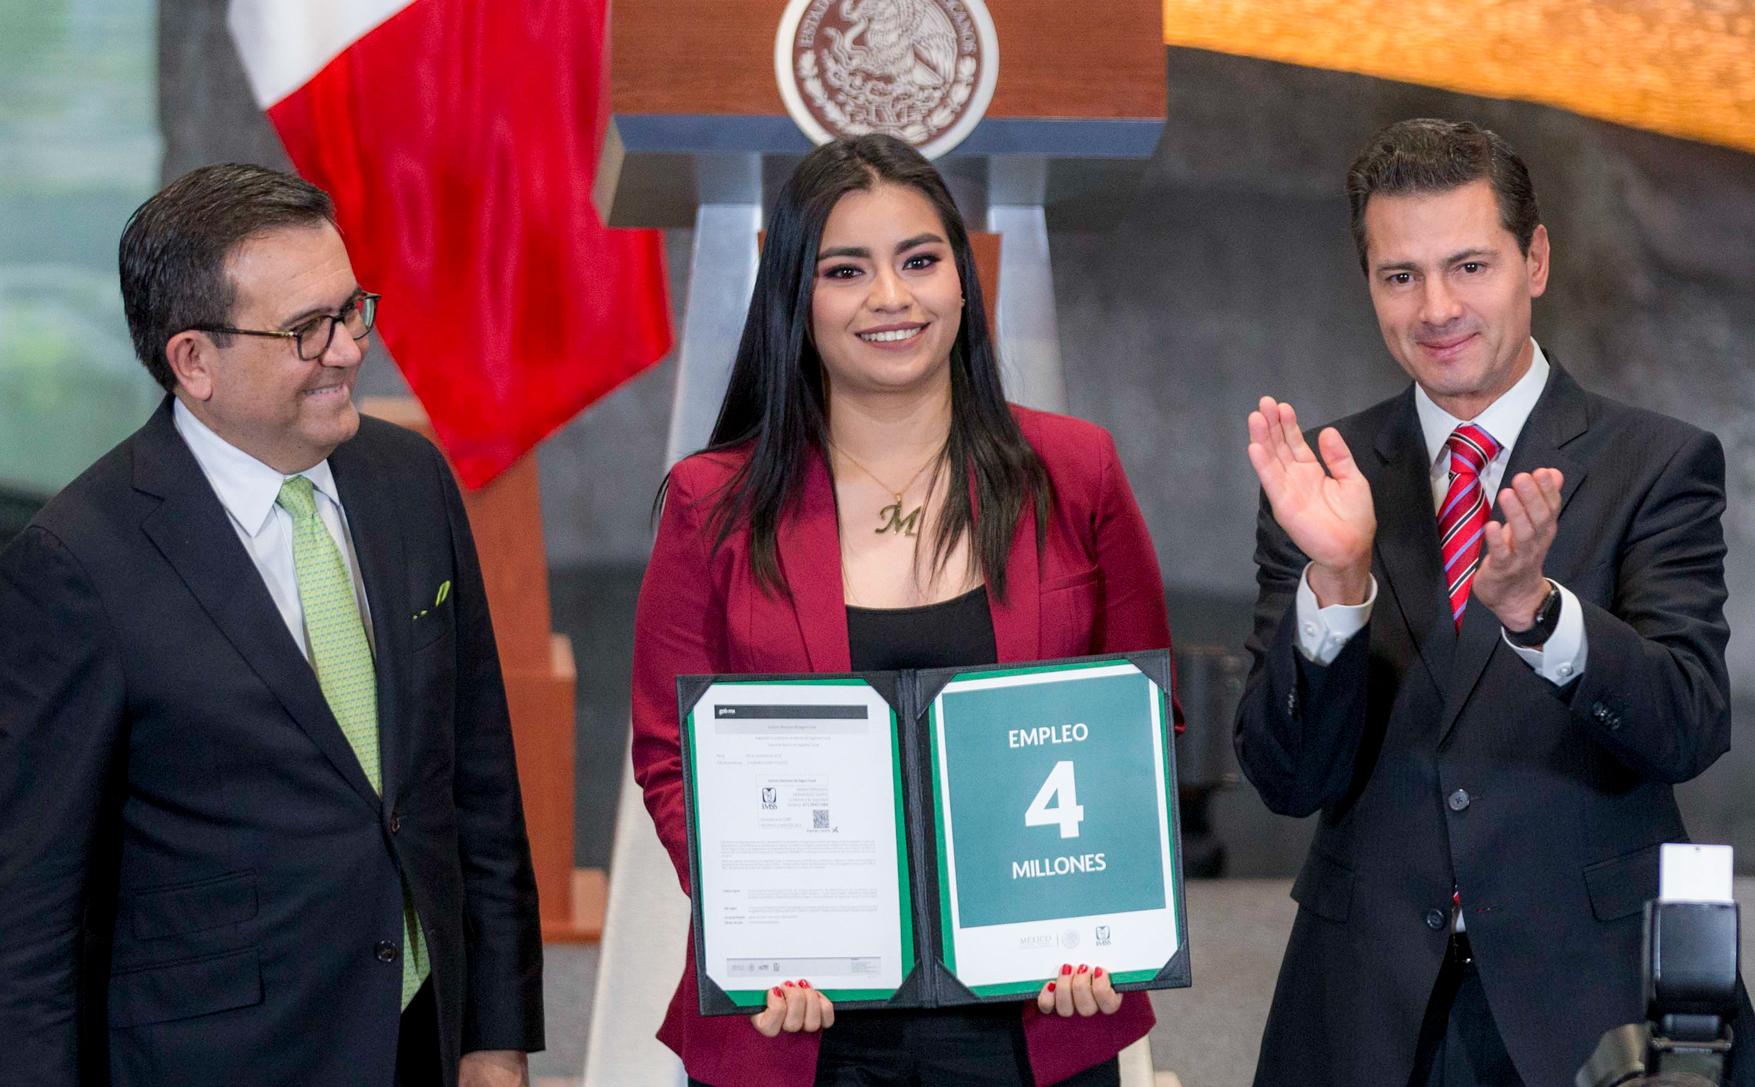 El Presidente Enrique Peña Nieto entregó a María Fernanda Hernández el certificado de empleo 4 millones generado durante la Administración 2012-2018.